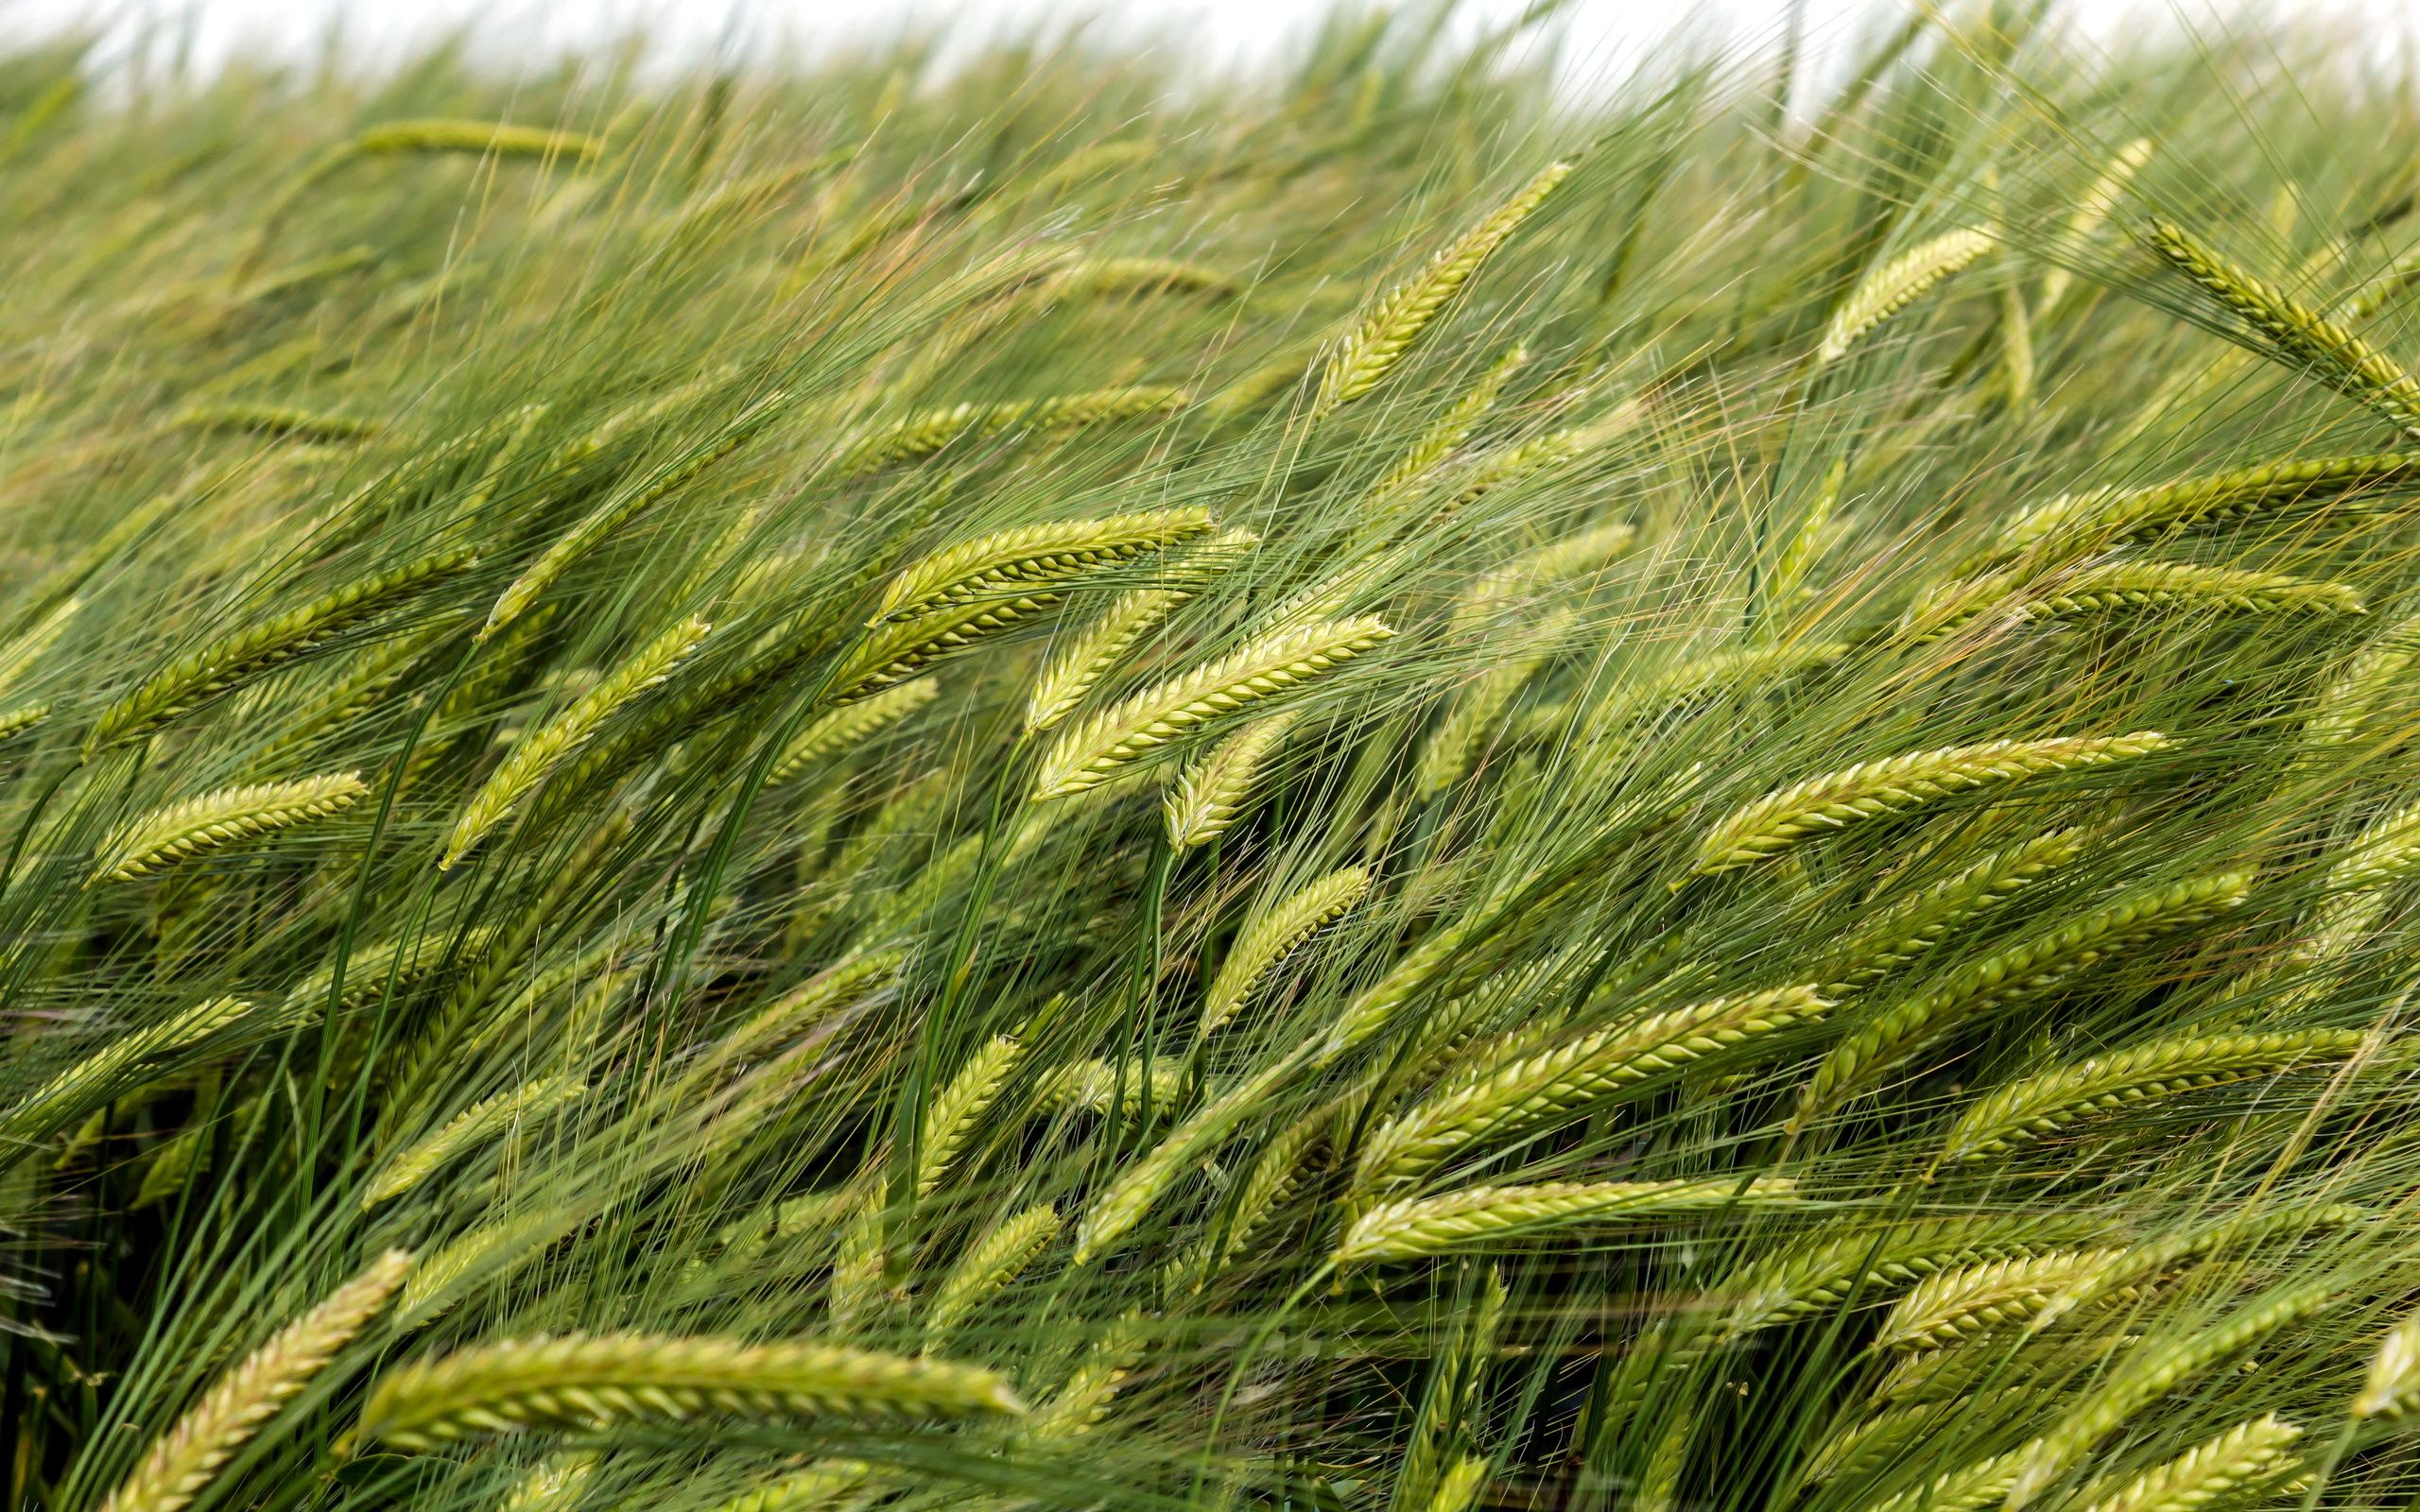 Зеленая пшеница  № 2559196 бесплатно